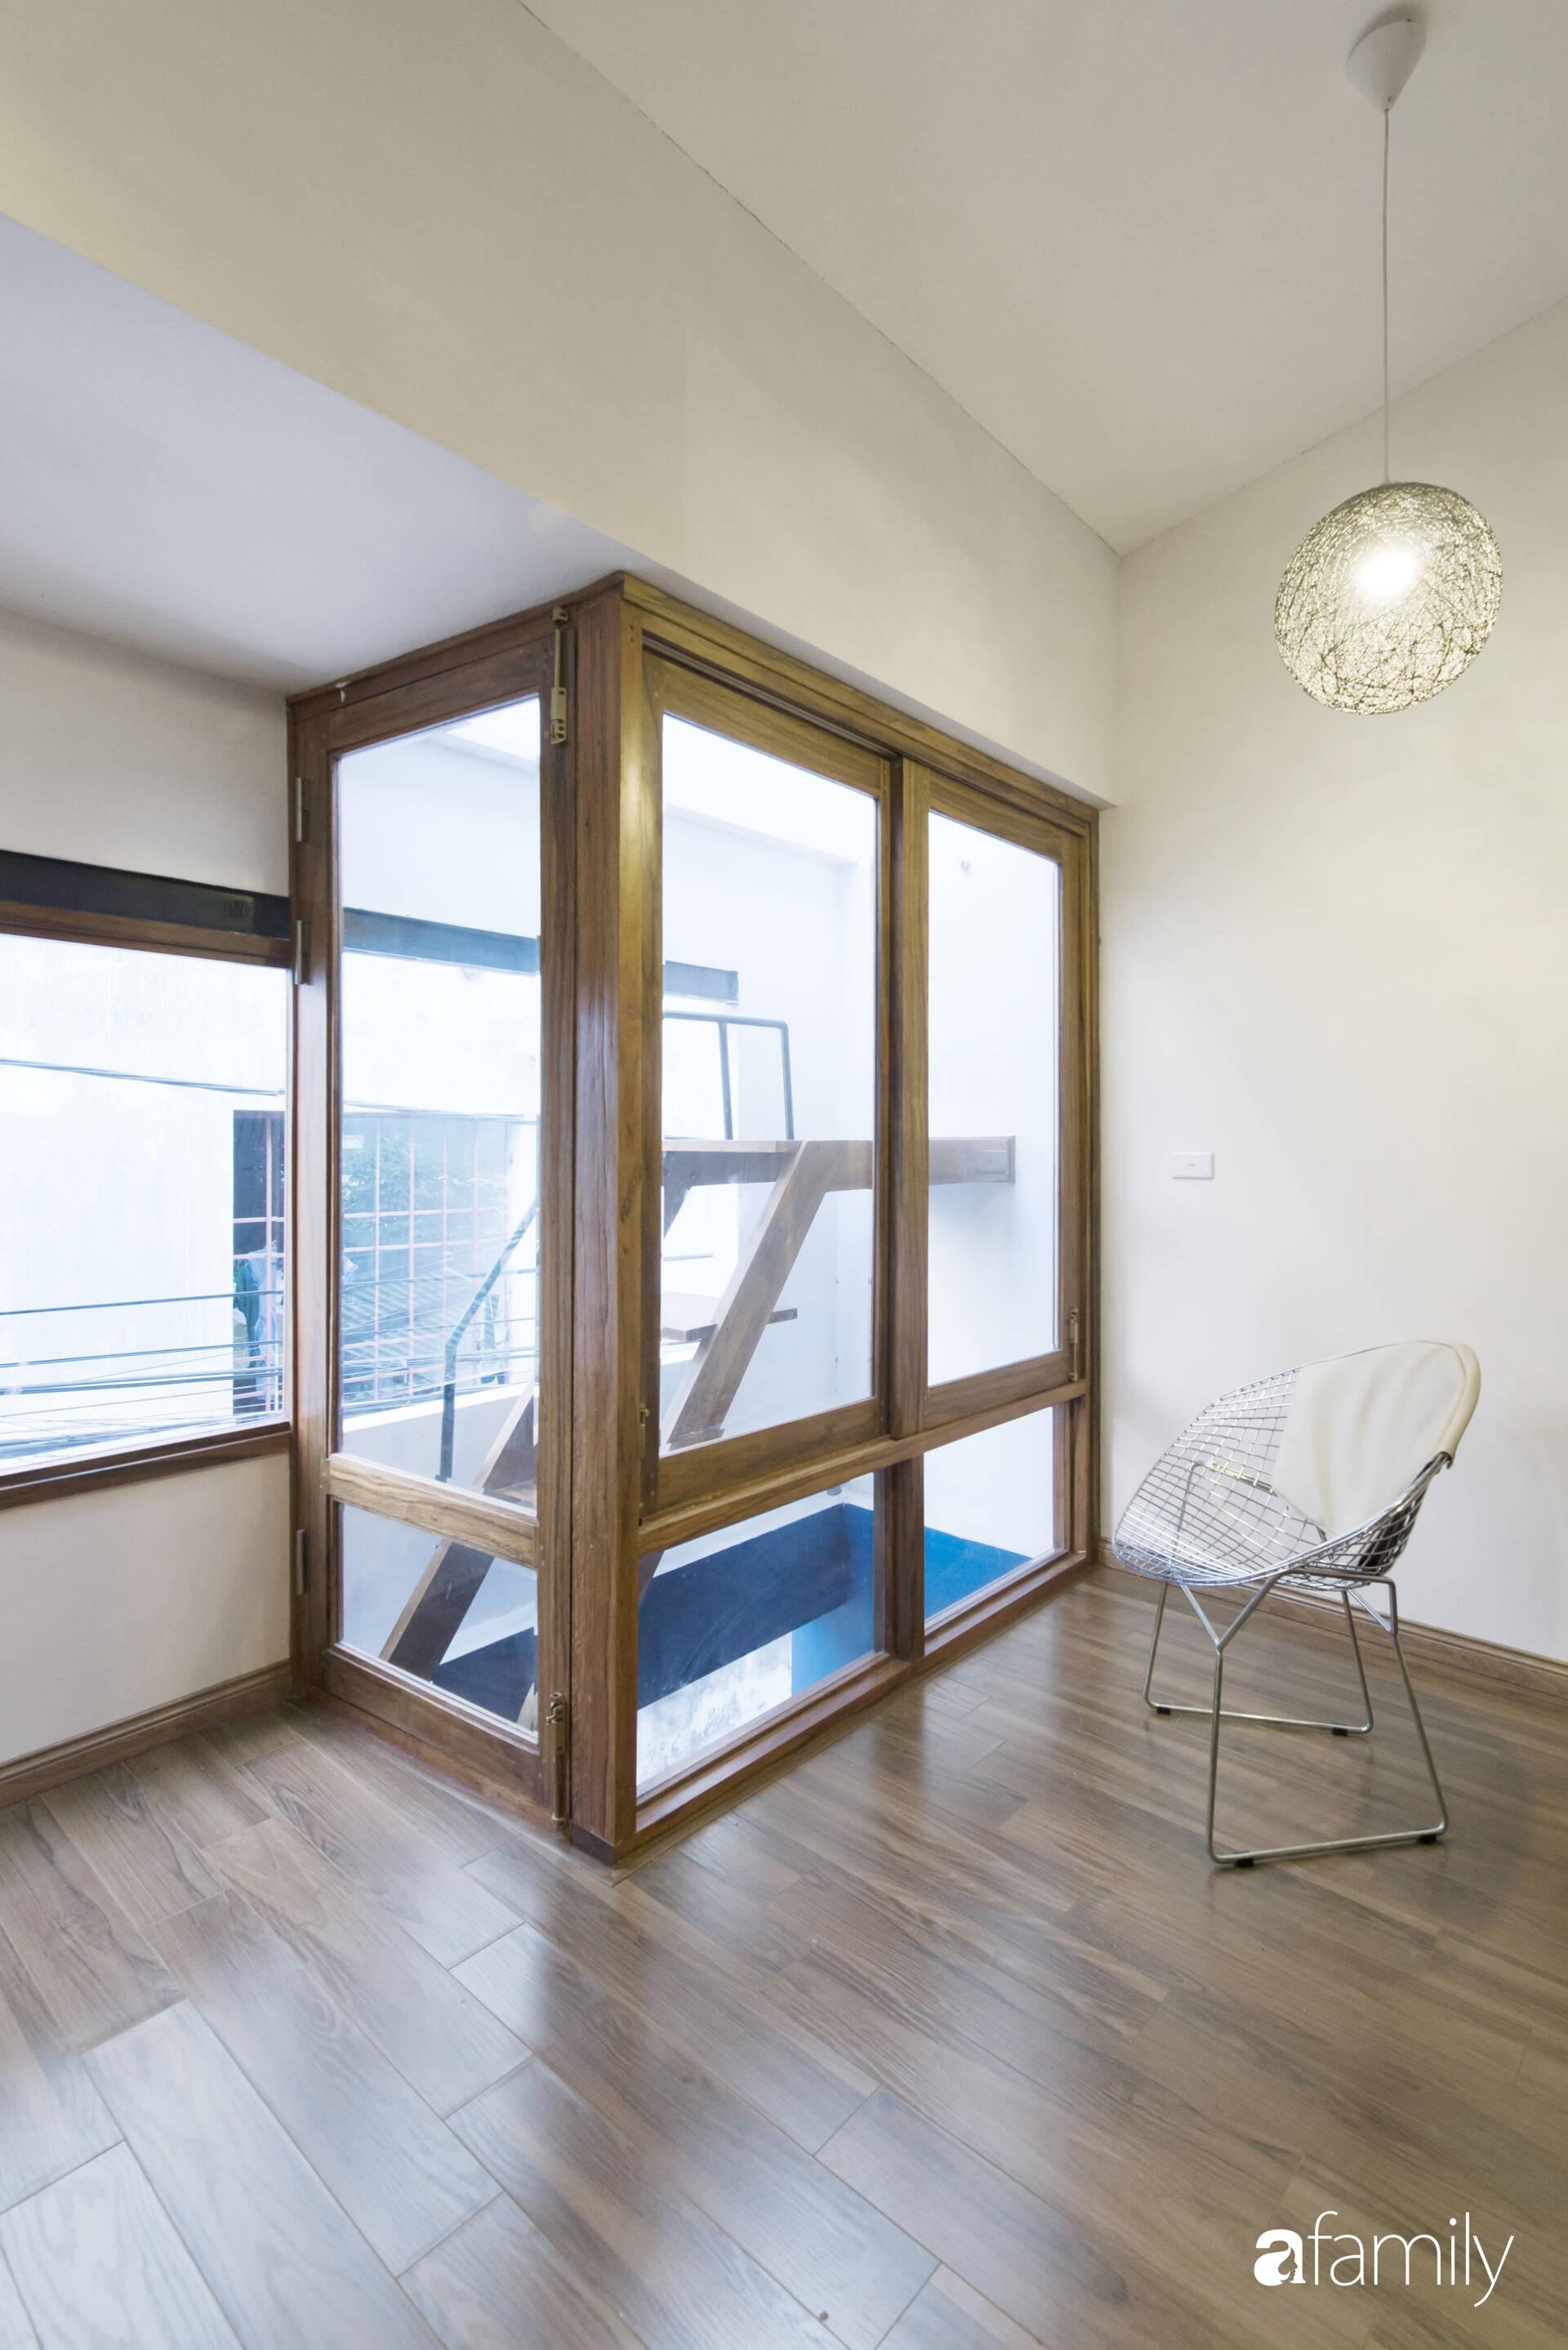 Vẻ đẹp của gỗ kết hợp nội thất đơn giản trong ngôi nhà 45,6m² ở ngõ nhỏ Hà Nội sau khi cải tạo - Ảnh 11.